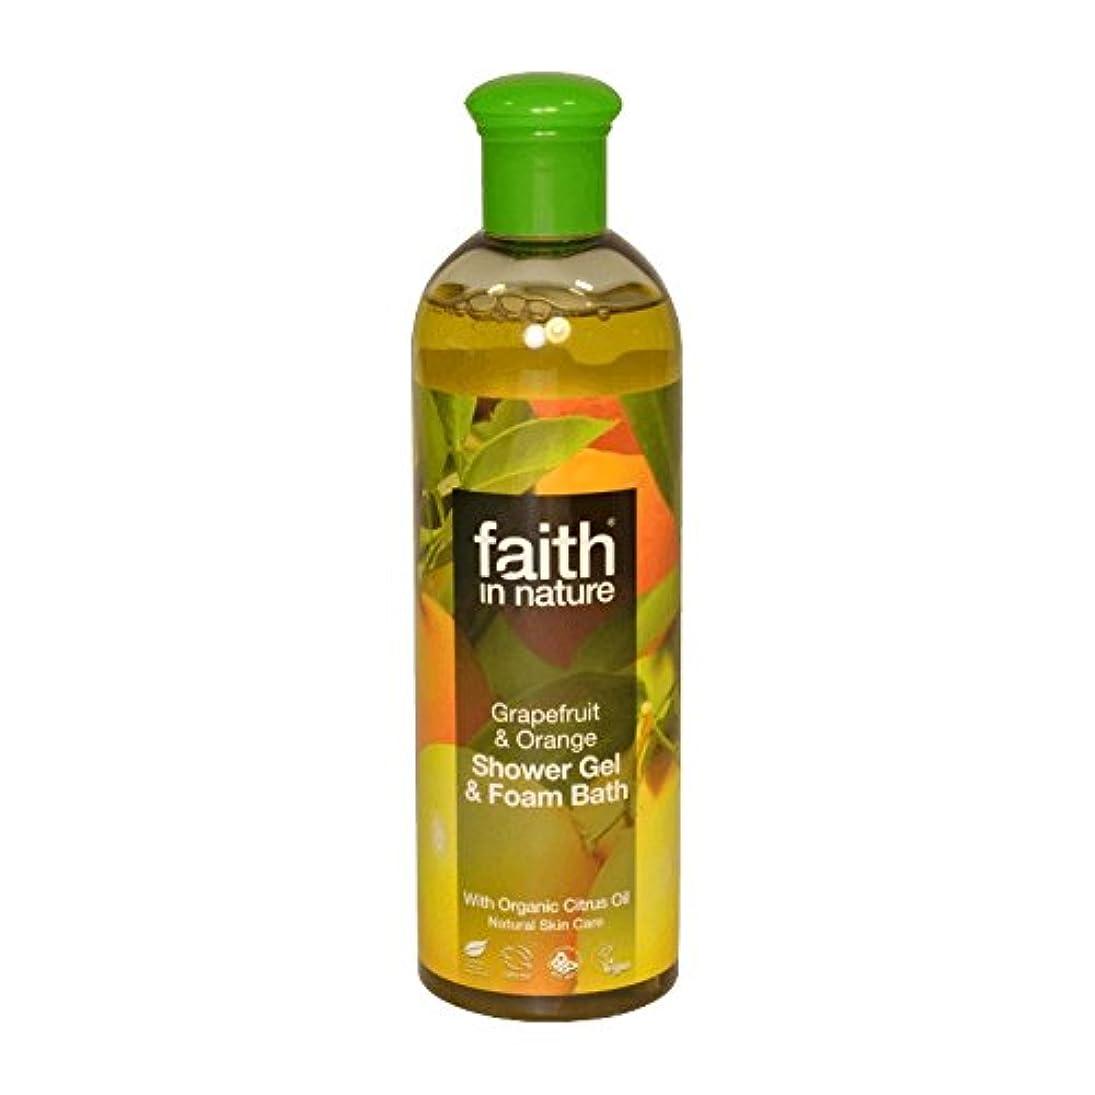 爬虫類プログレッシブ肩をすくめるFaith in Nature Grapefruit & Orange Shower Gel & Bath Foam 400ml (Pack of 6) - 自然グレープフルーツ&オレンジシャワージェル&バス泡400ミリリットルの信仰 (x6) [並行輸入品]